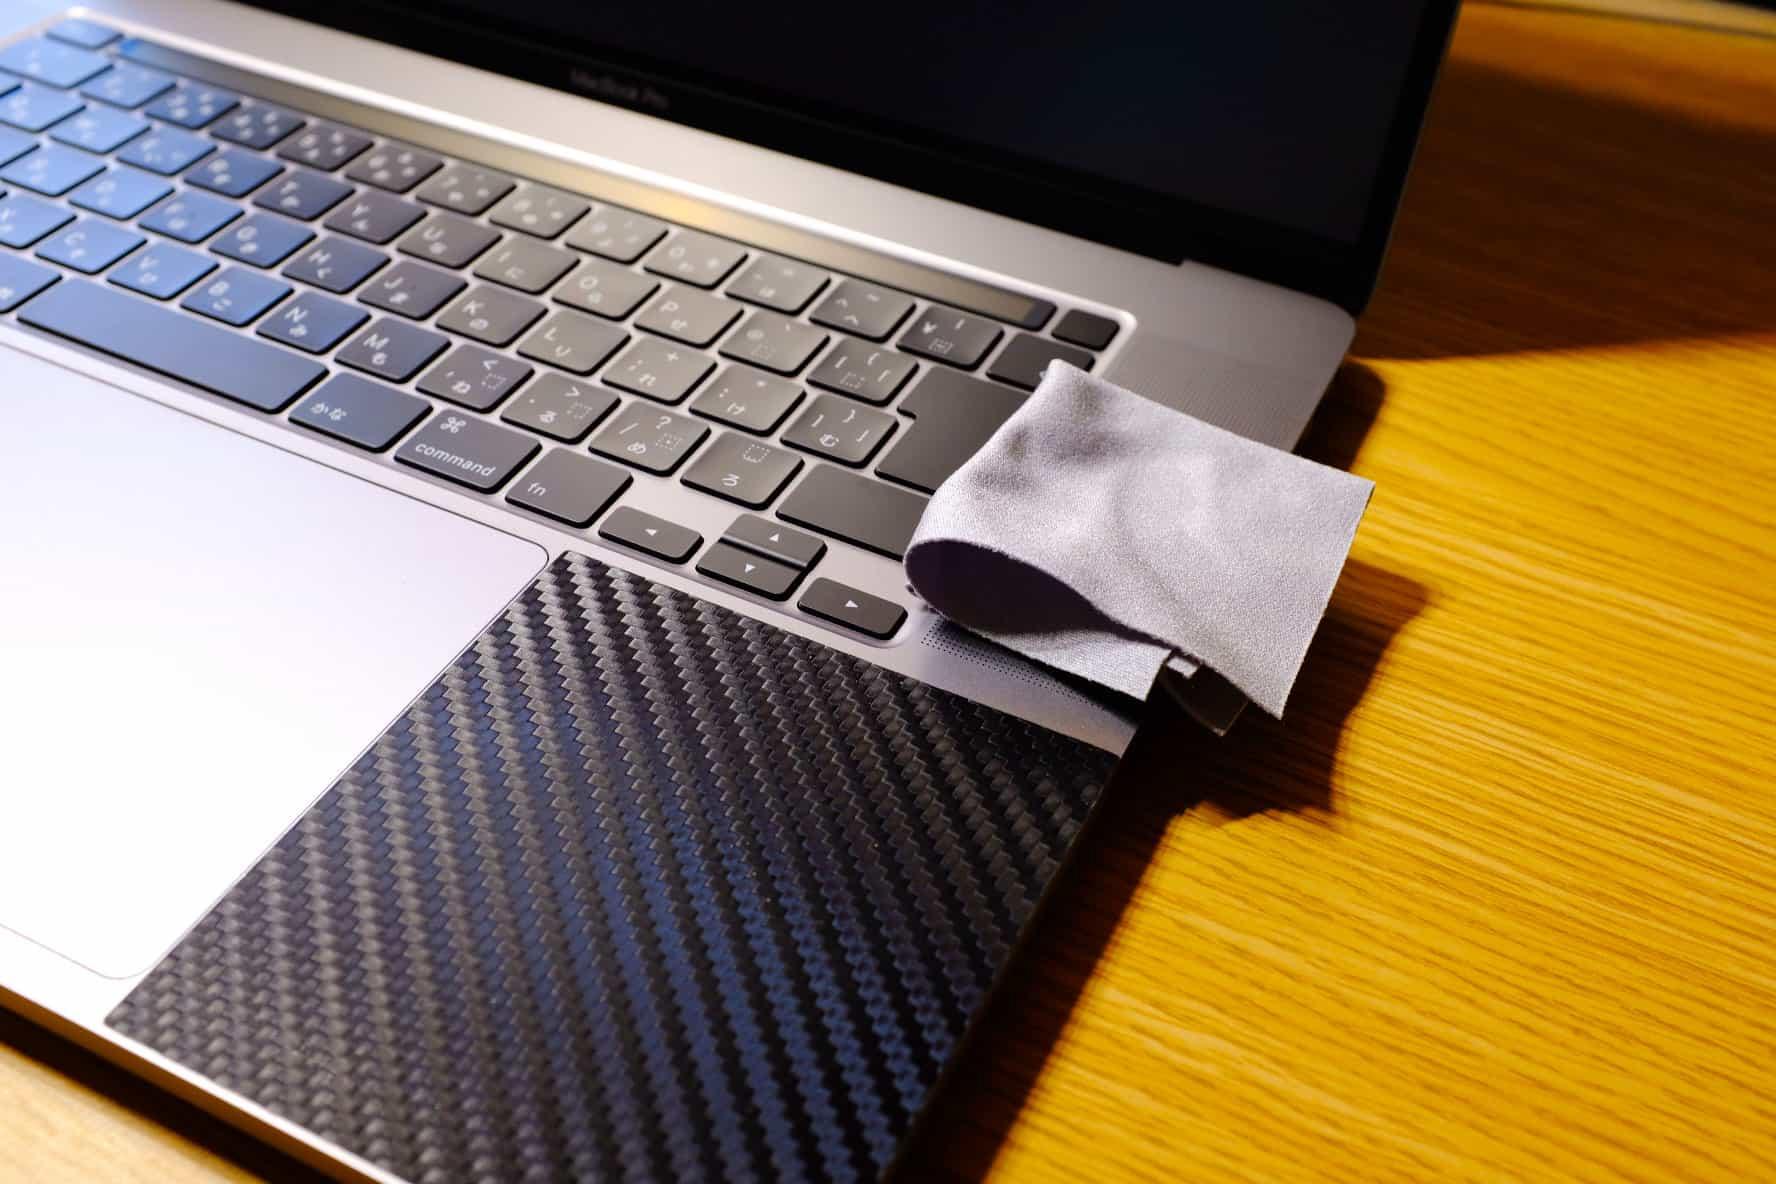 最後にキーボード周りやスピーカーを軽く拭く